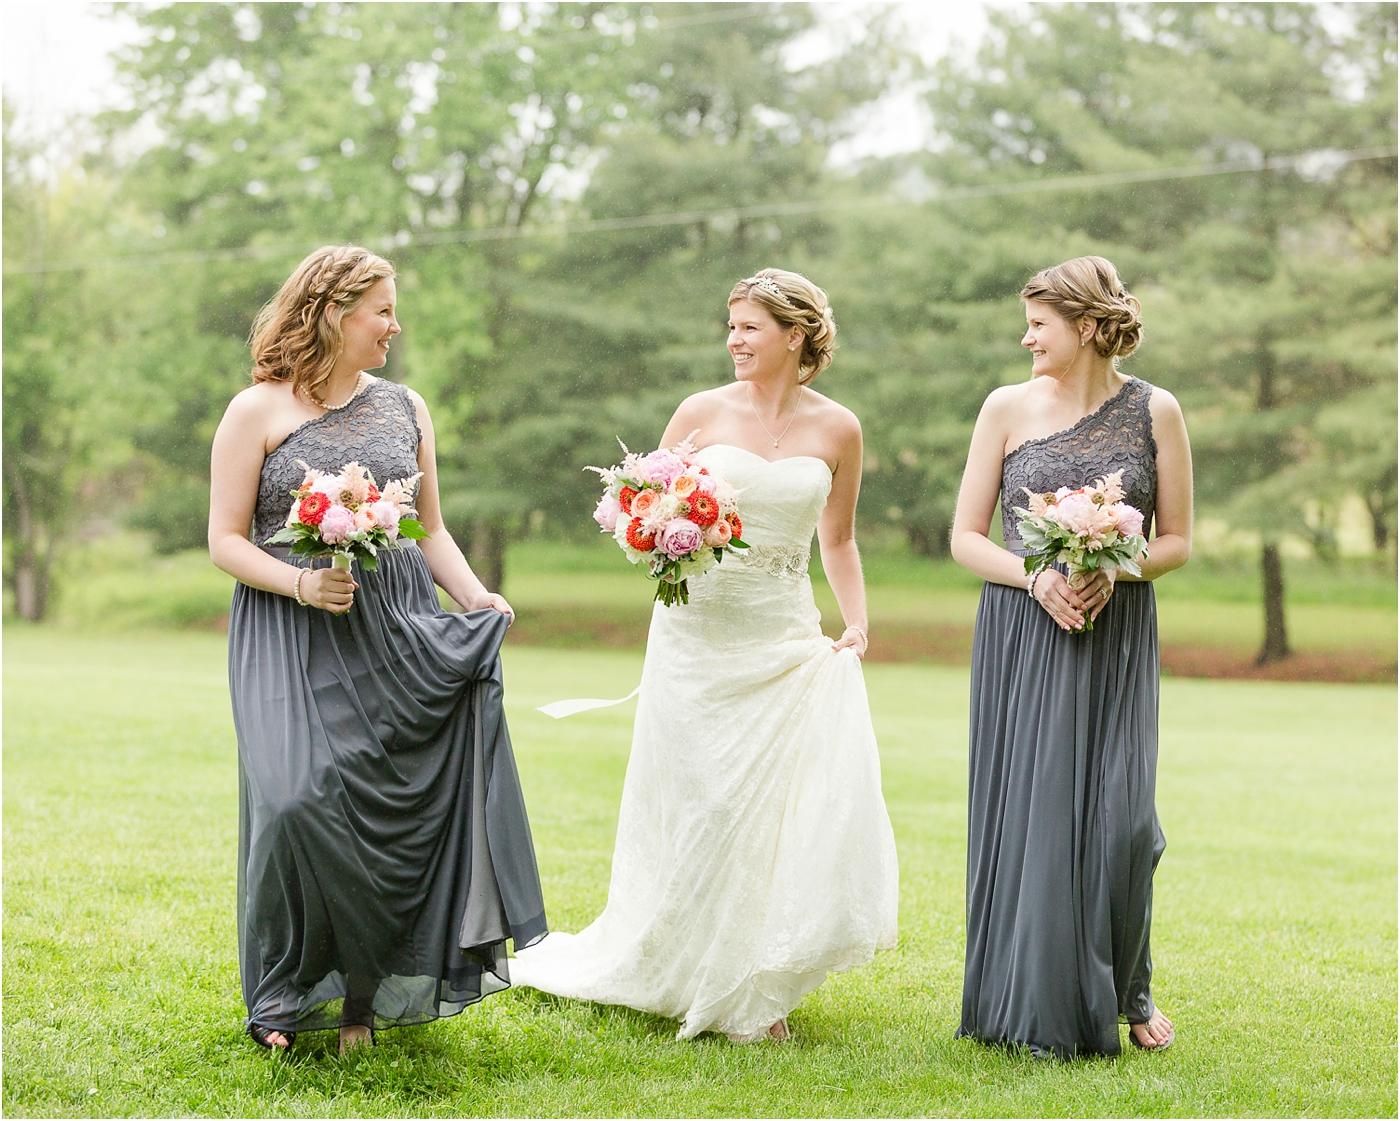 Royer-House-Wedding-Photos-56.jpg